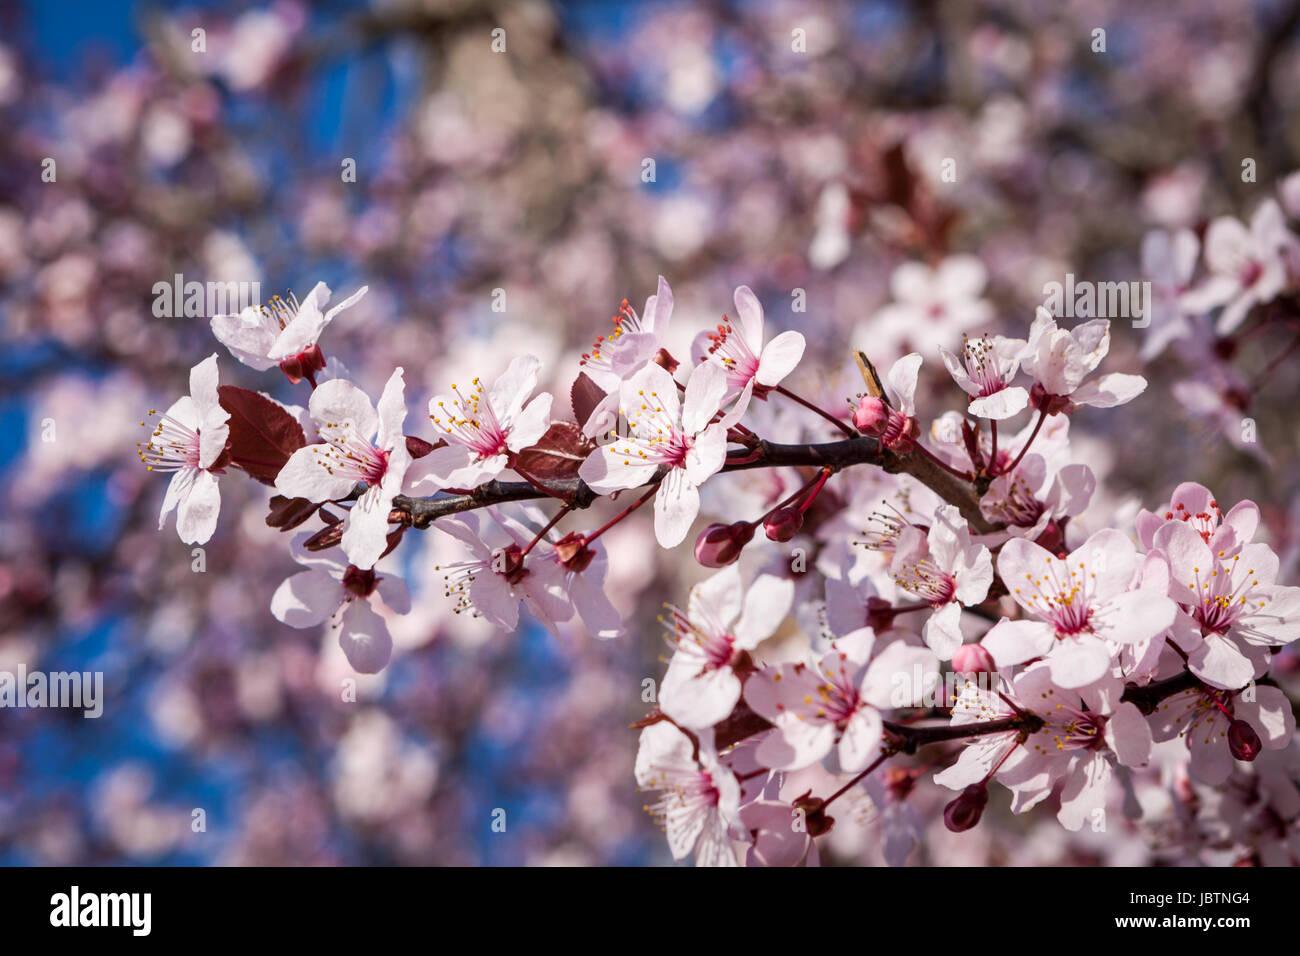 Fantastisch Druckbare Frühlingsbilder Bilder - Malvorlagen Von ...